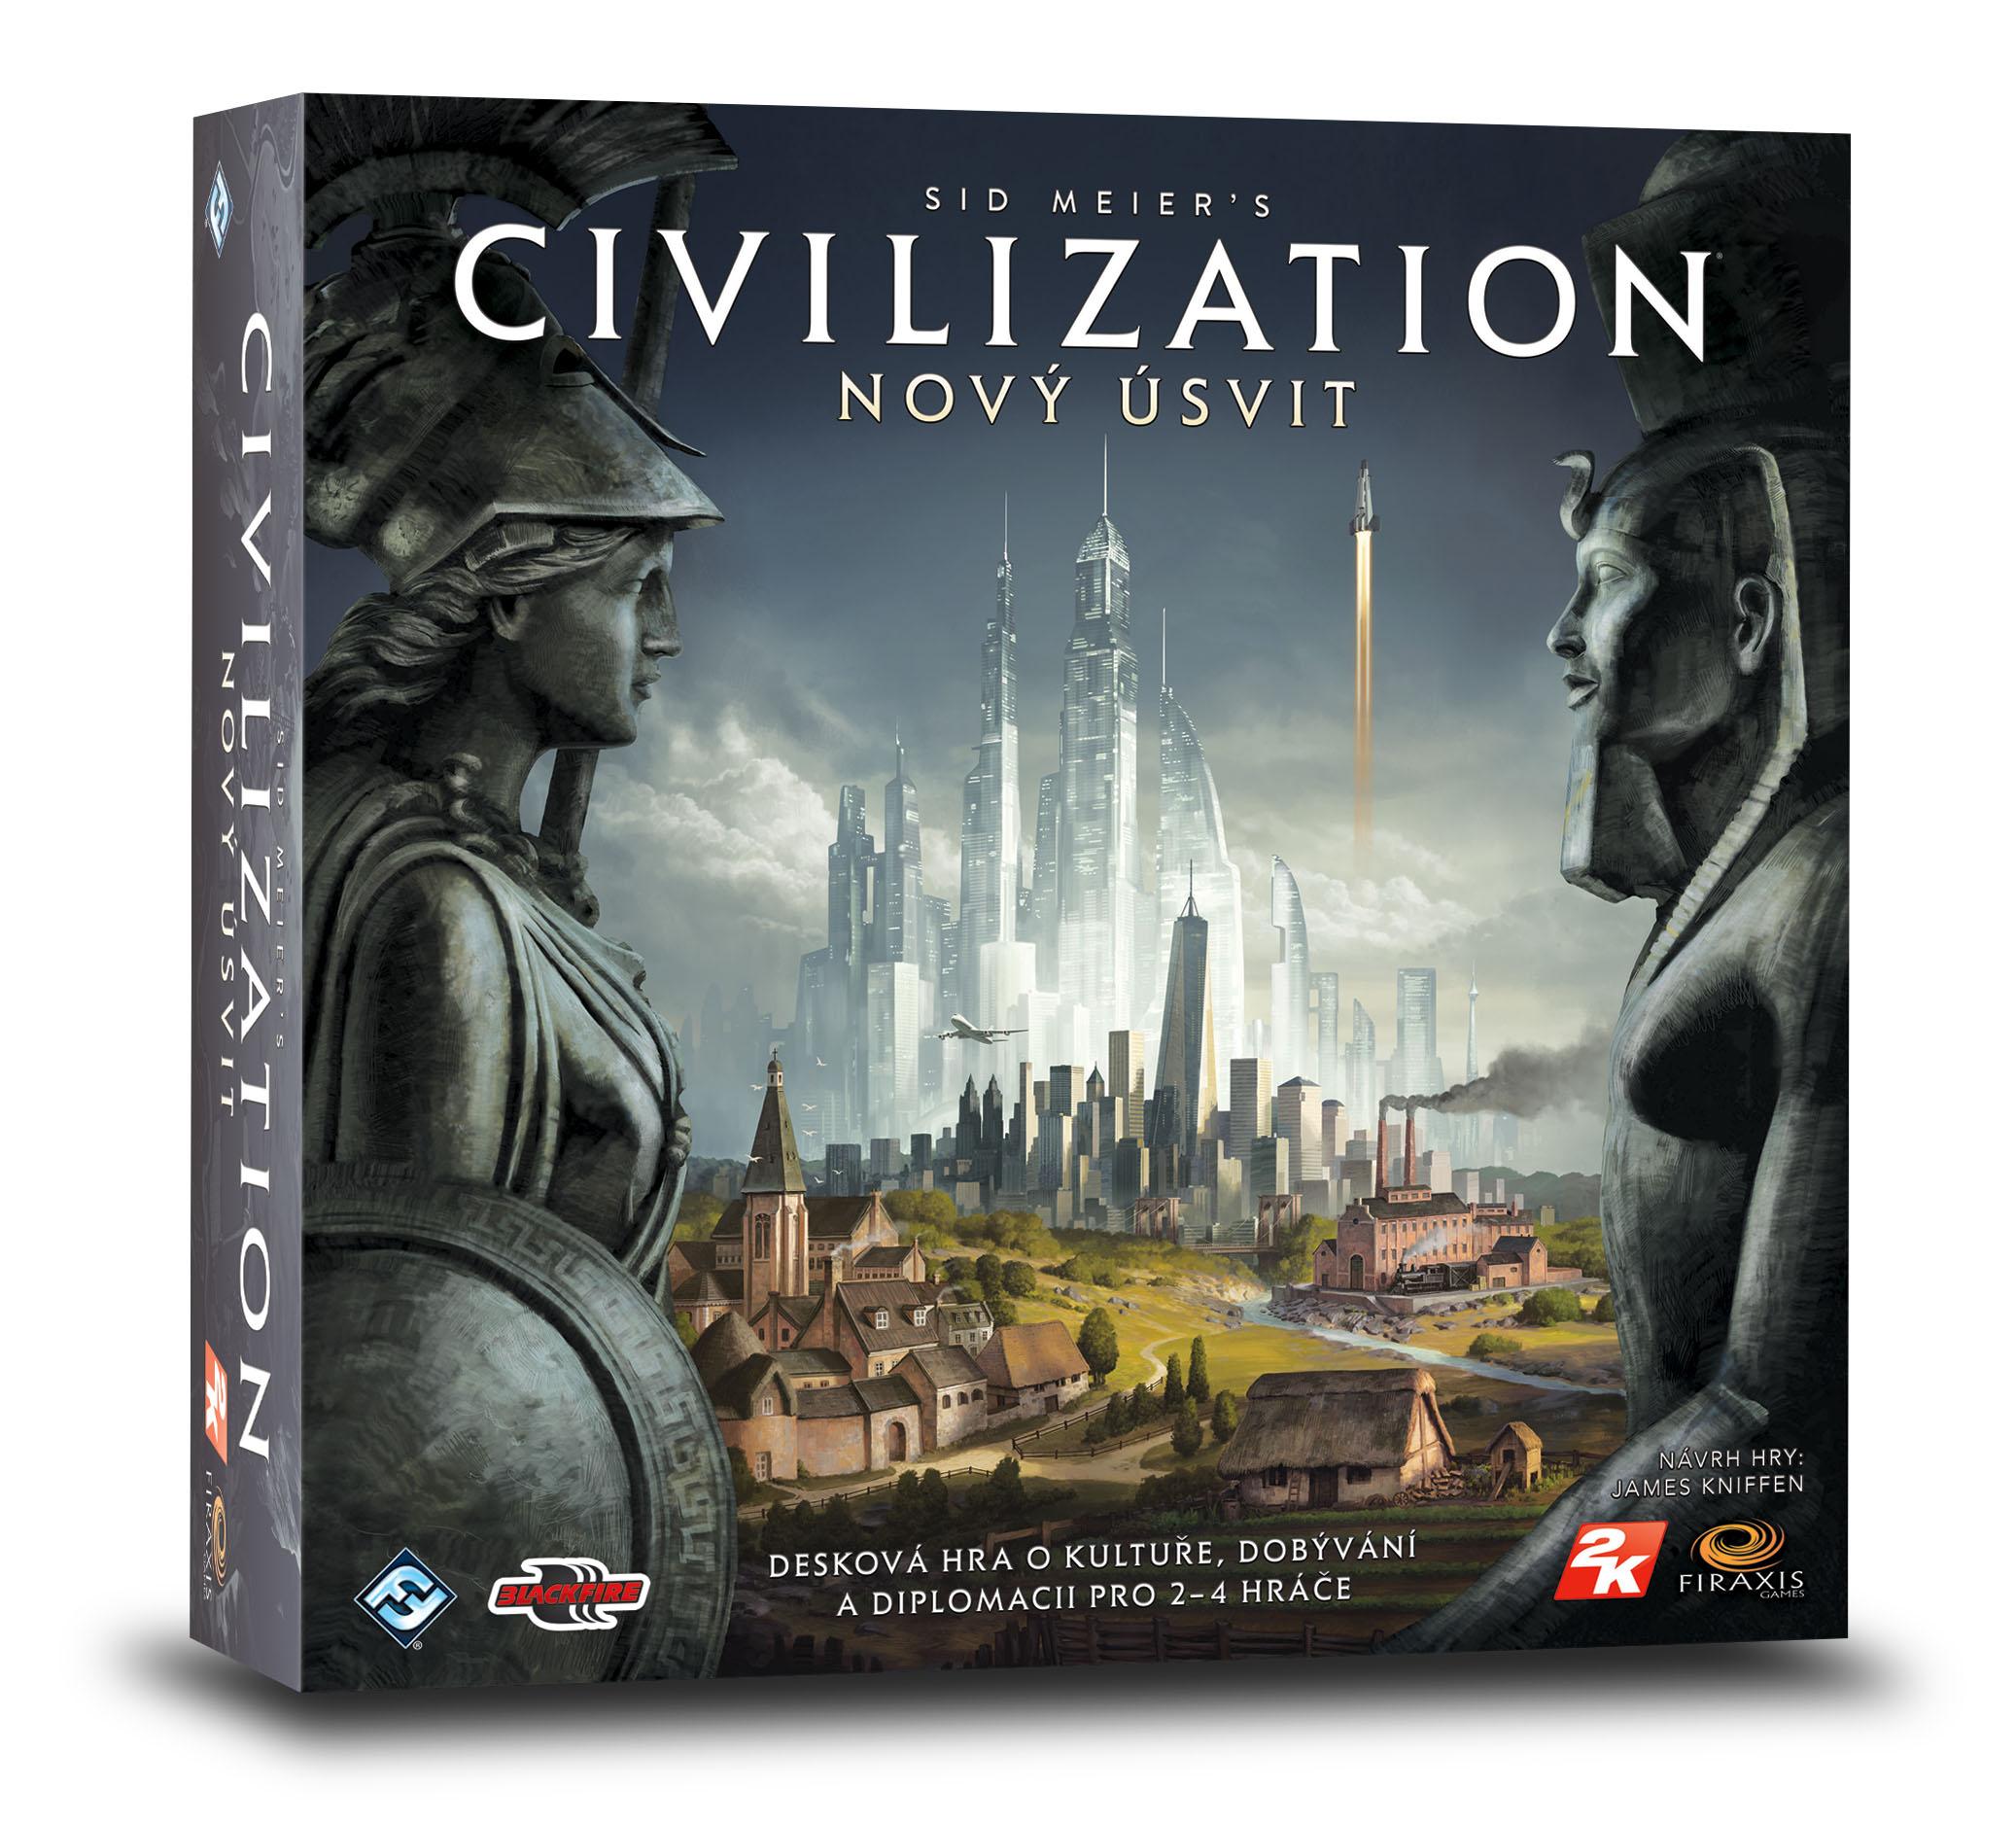 Vytuň si herní doupě #25 - deskové a karetní hry Civilizace Novy Usvit vizualizace